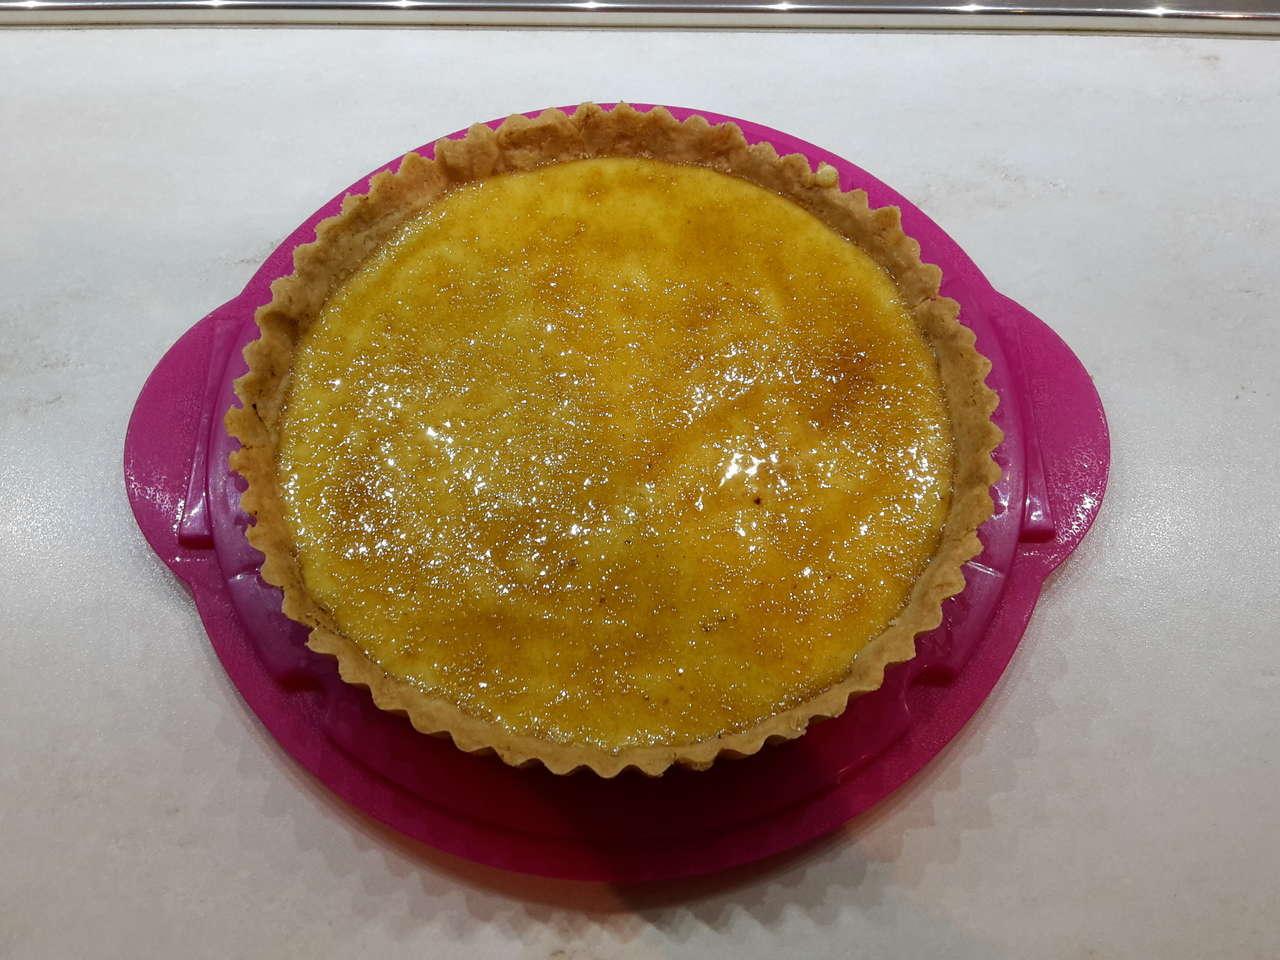 Crostata alla crème brûlée con zucchero di canna